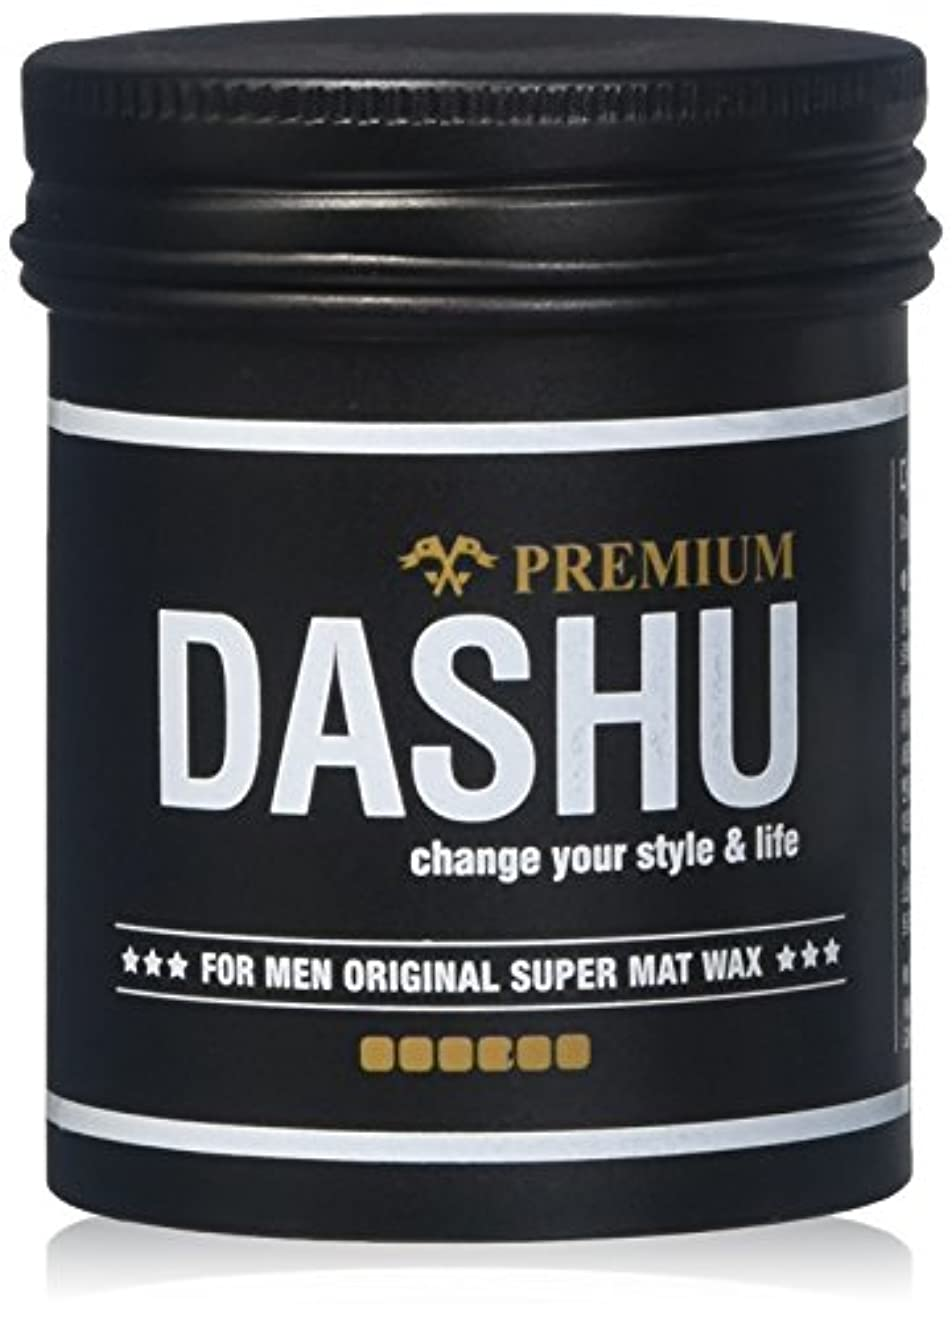 失速無謀バーマド[DASHU] ダシュ For Men男性用 オリジナルプレミアムスーパーマットワックス Original Premium Super Mat Wax 100ml / 韓国製 . 韓国直送品